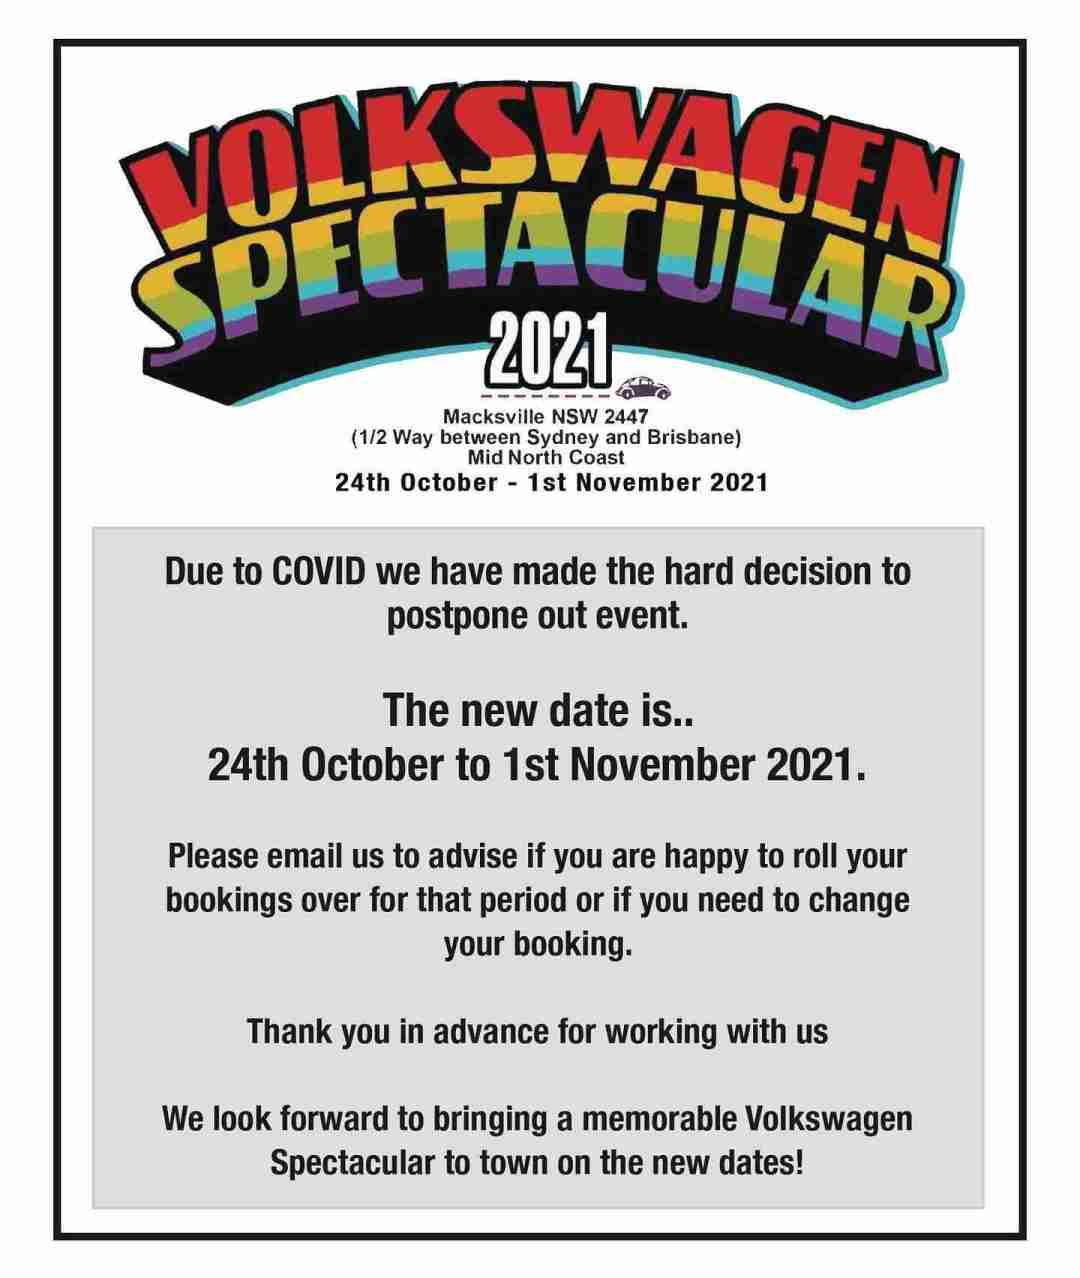 Volkswagen Spectacular Notice